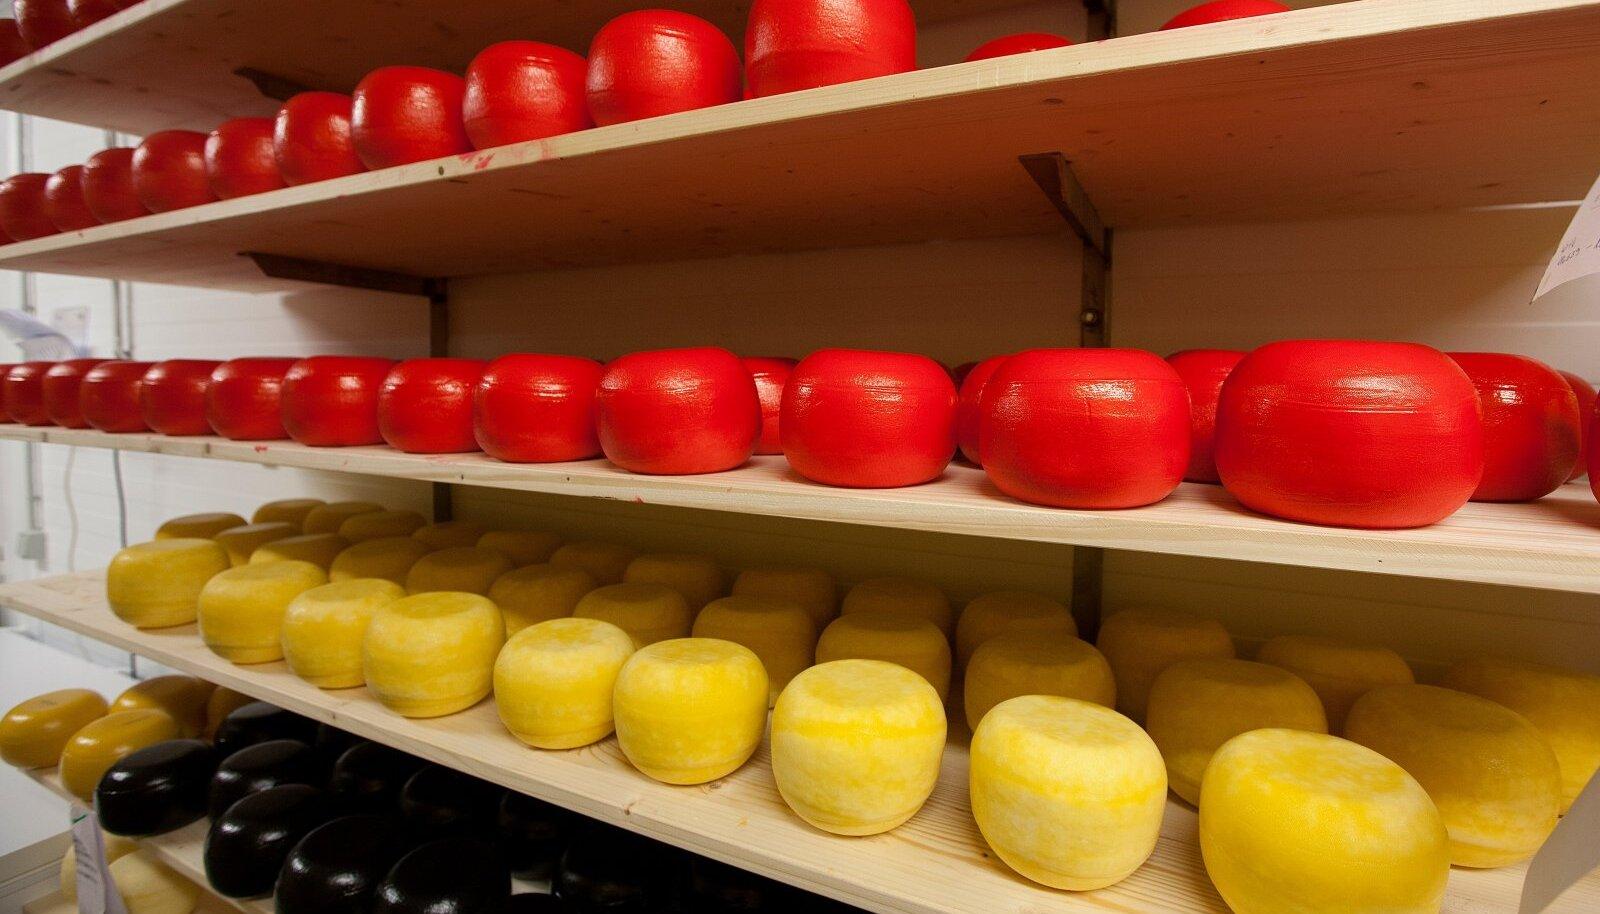 Andre farmi juustukojas küpsevad juustukerad rahulikult riiulitel.